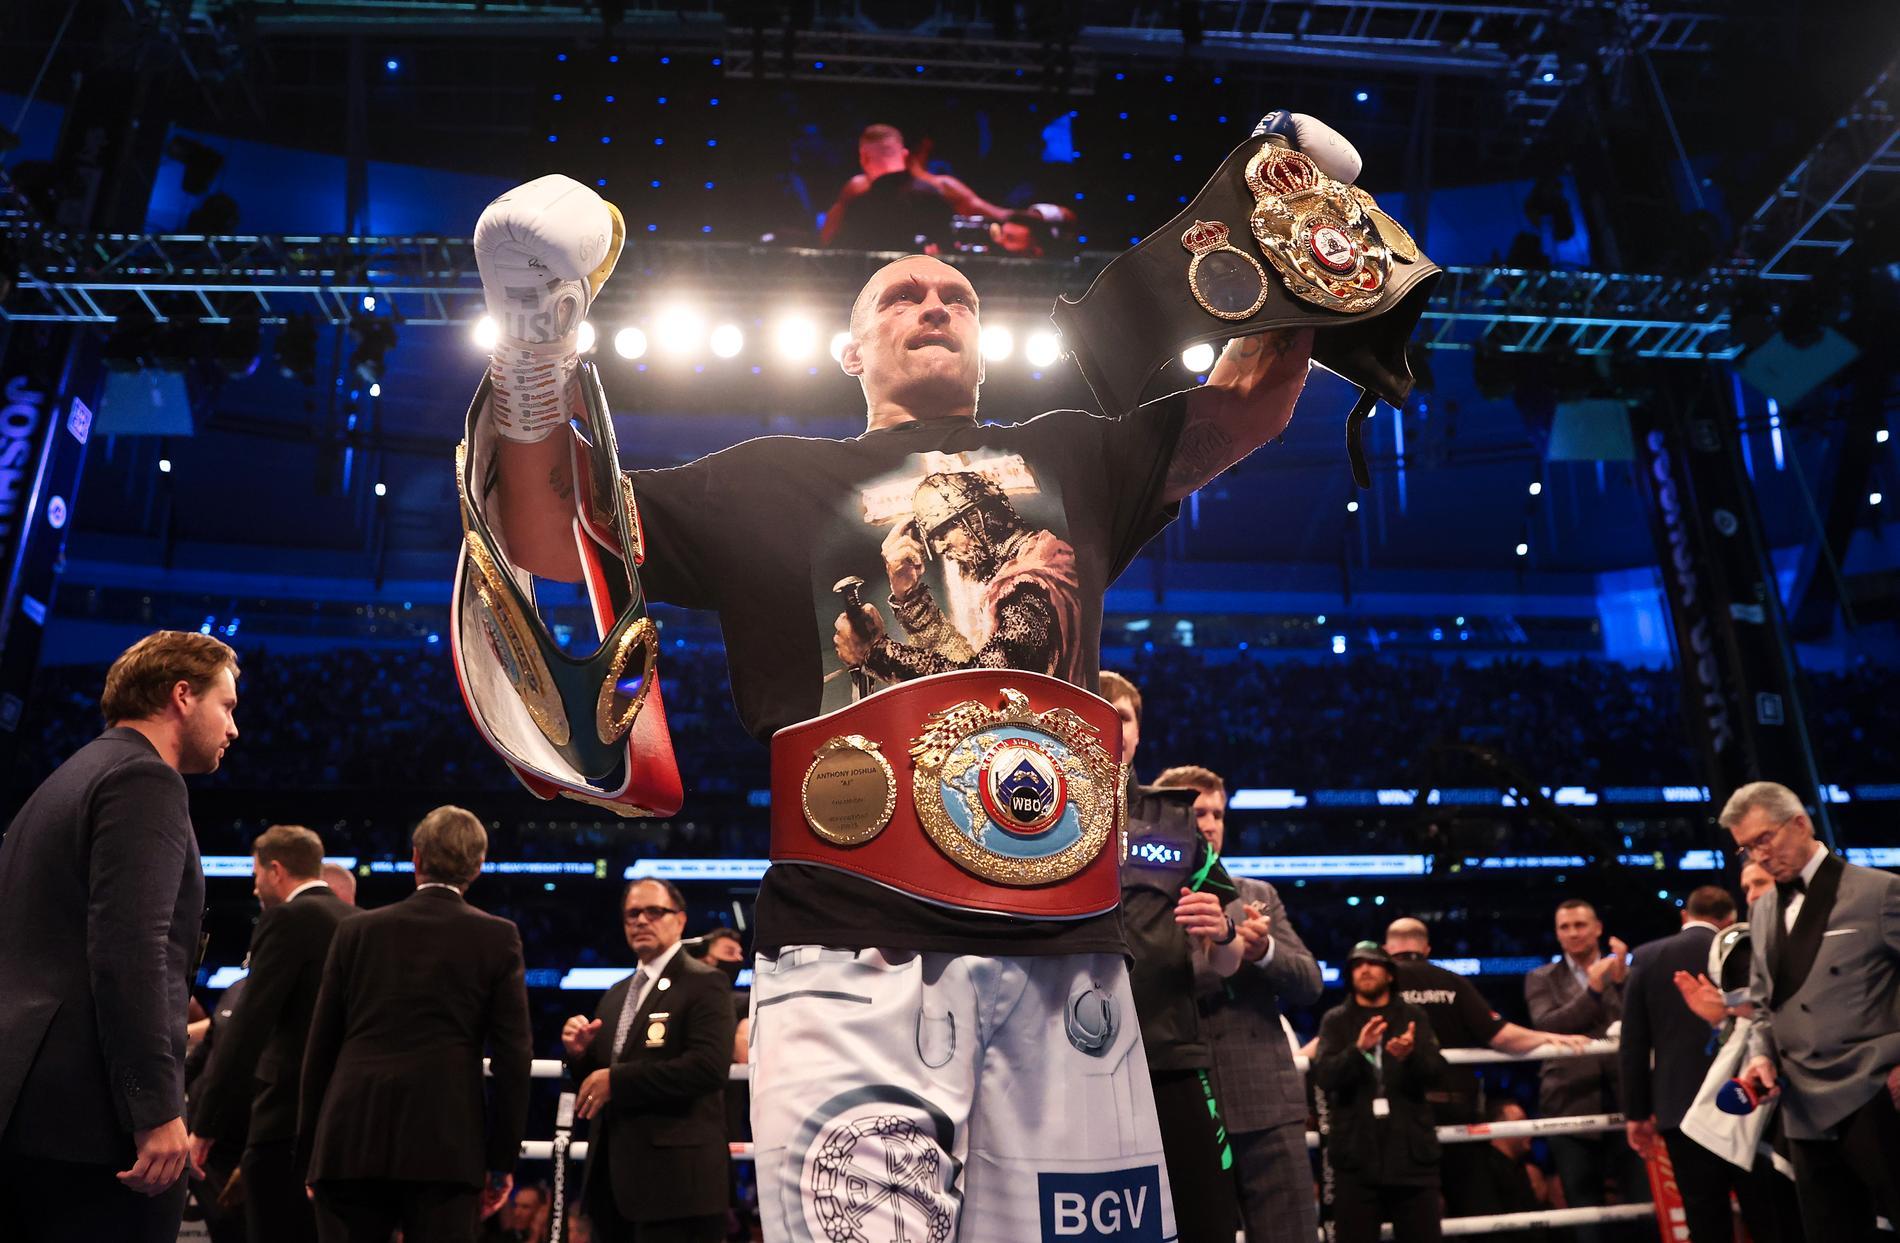 Oleksandr Usyk med sina bälten efter segern mot Joshua.